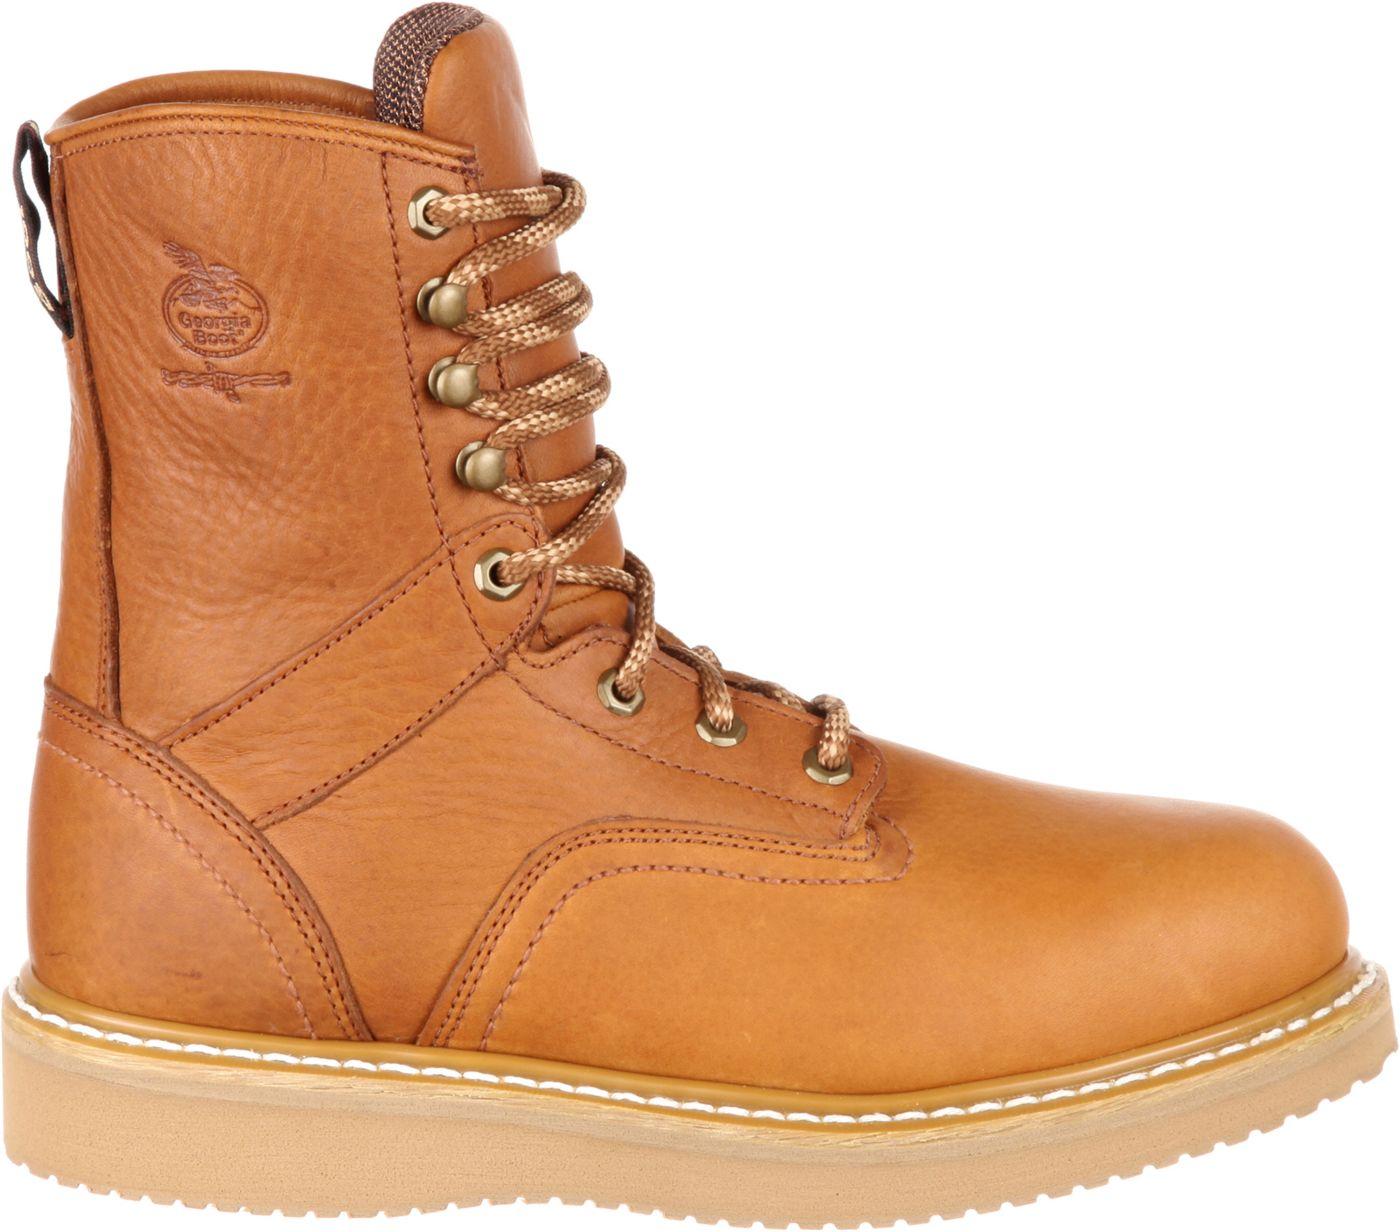 Georgia Boot Men's Wedge EH Steel Toe Work Boots